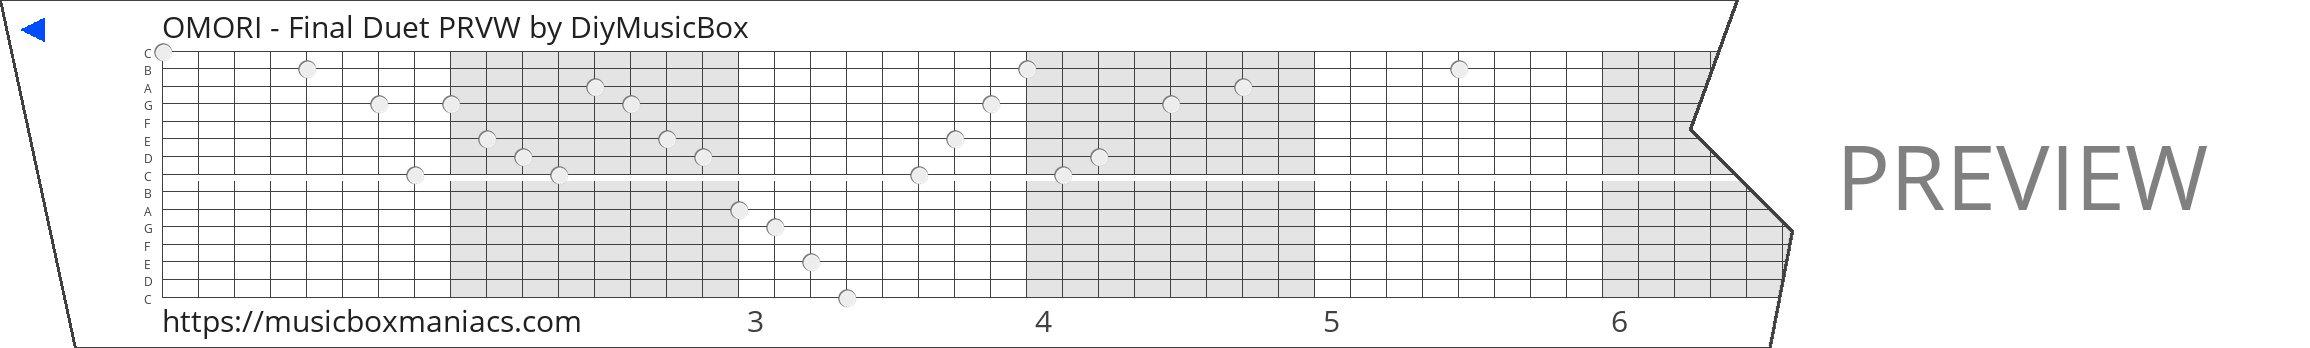 OMORI - Final Duet PRVW 15 note music box paper strip